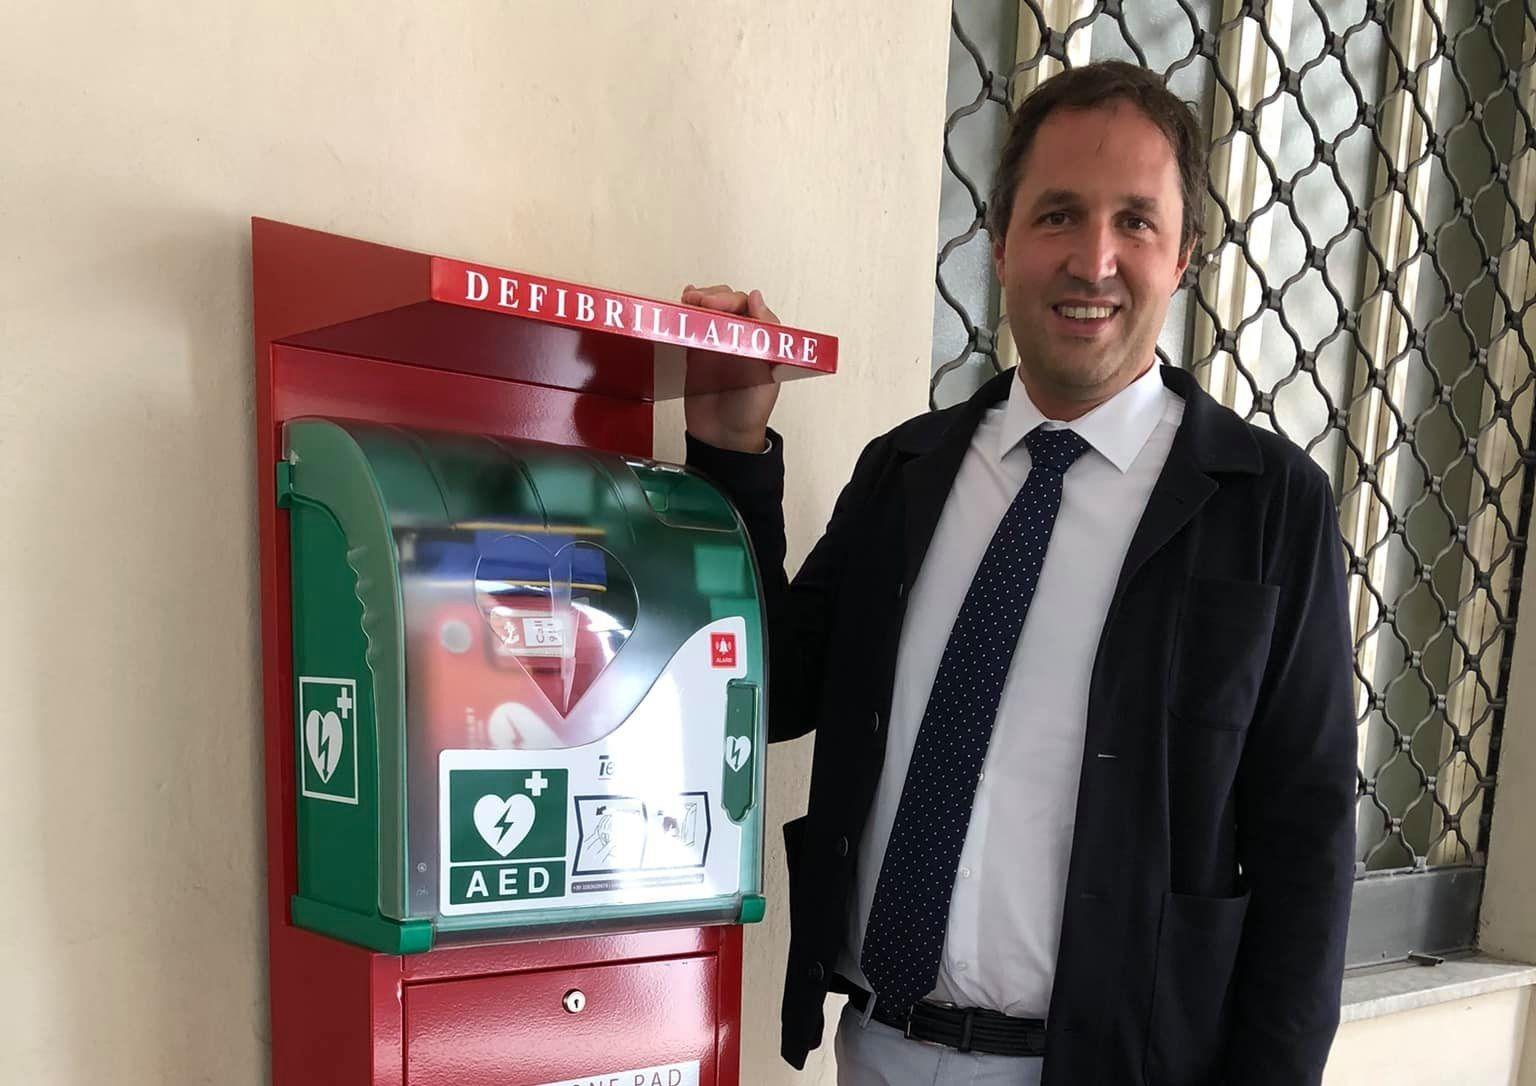 AGLIE' - Comune sempre più cardioprotetto: posizionato un defibrillatore davanti al Municipio